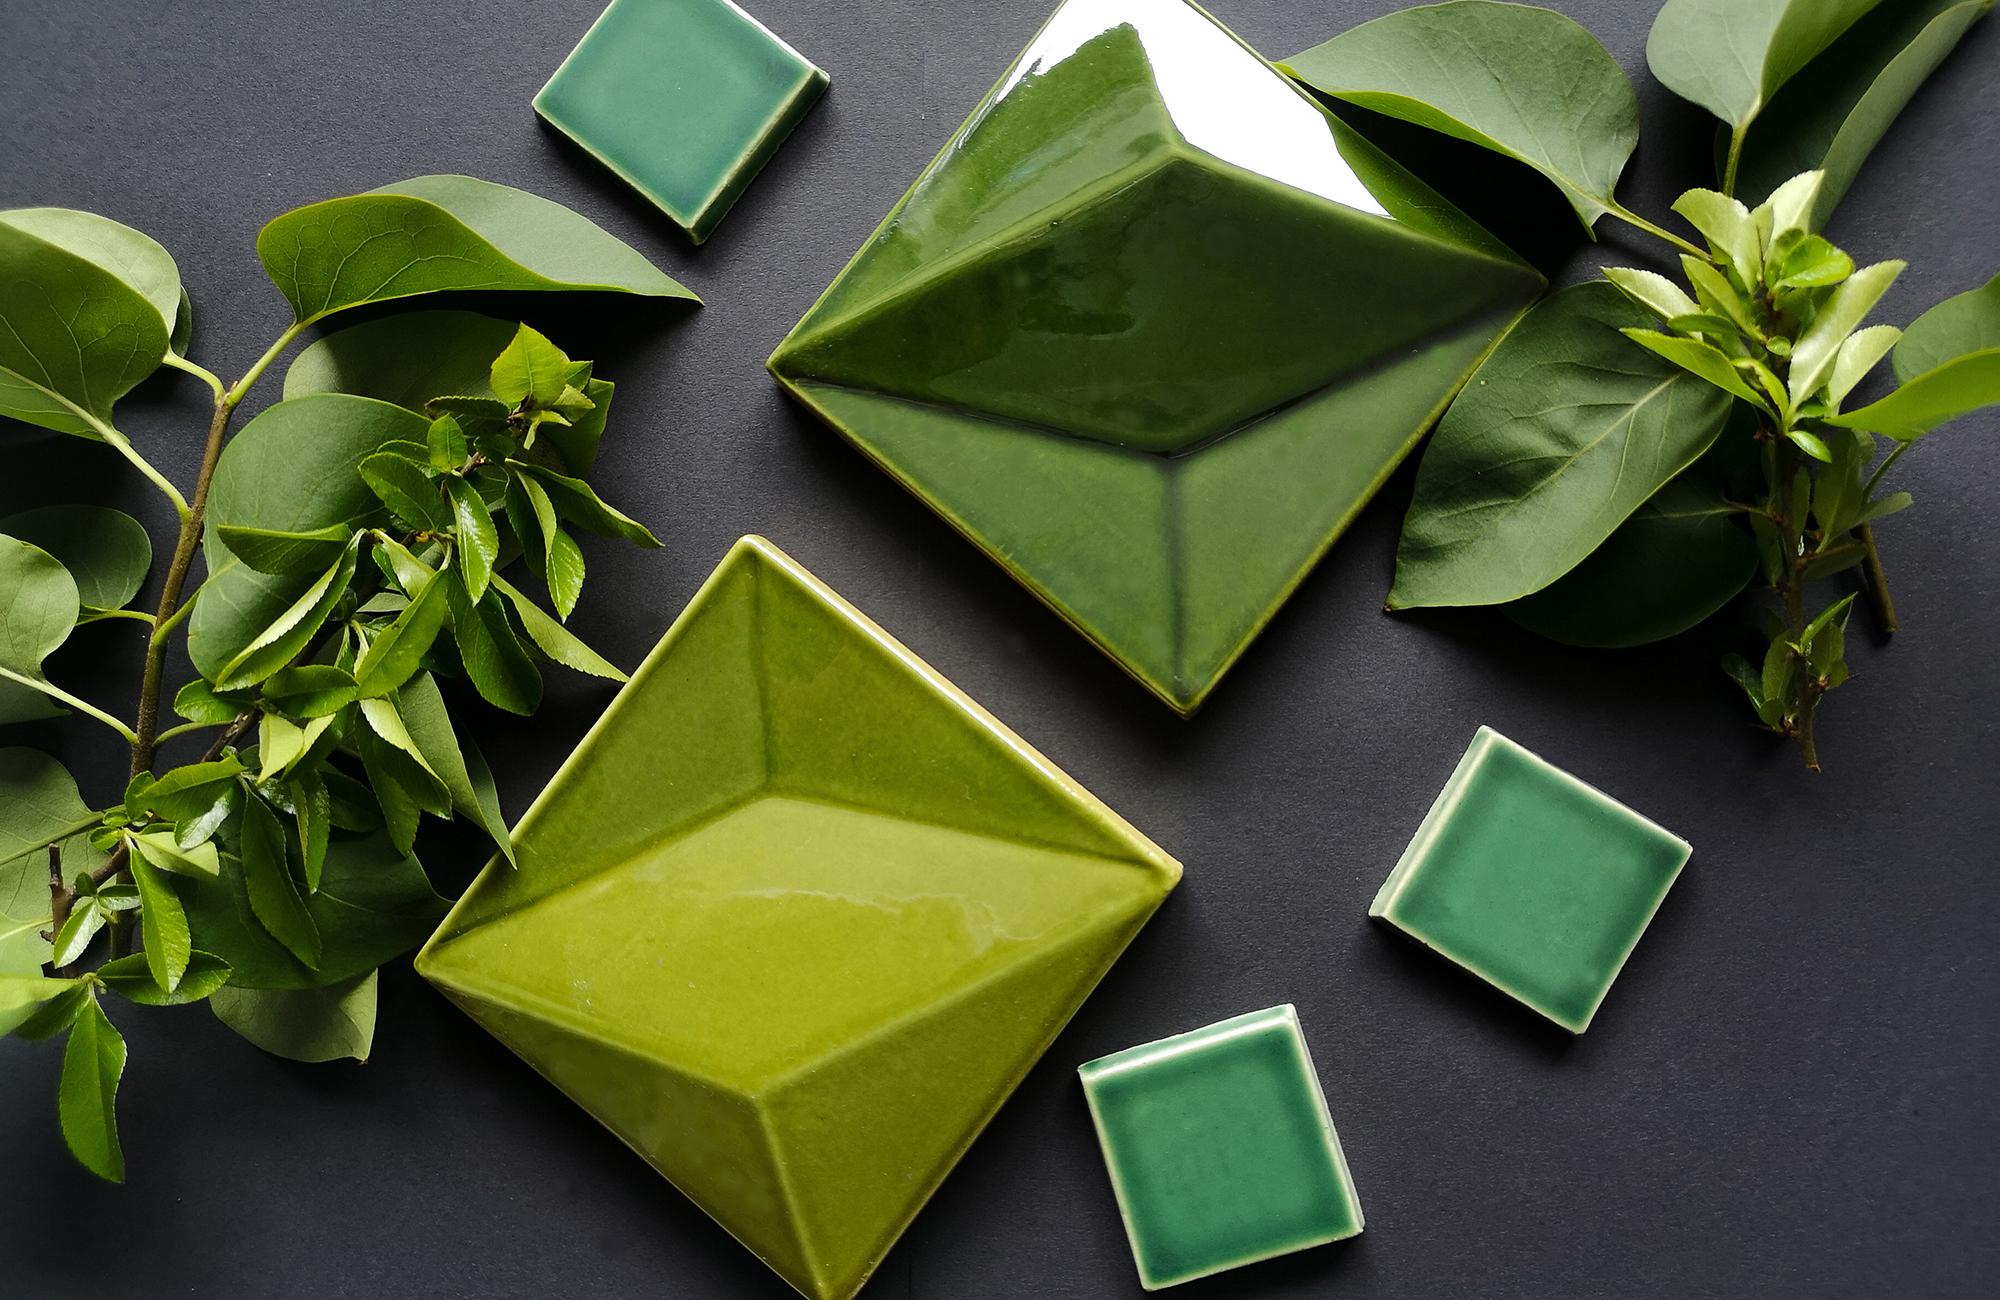 Farbige Vielfalt. ORO BIANCO HANDMADE TILES bietet individuelle Glasurentwicklung nach Vorlage von Stoffen, Mustern und Farbfächern an.